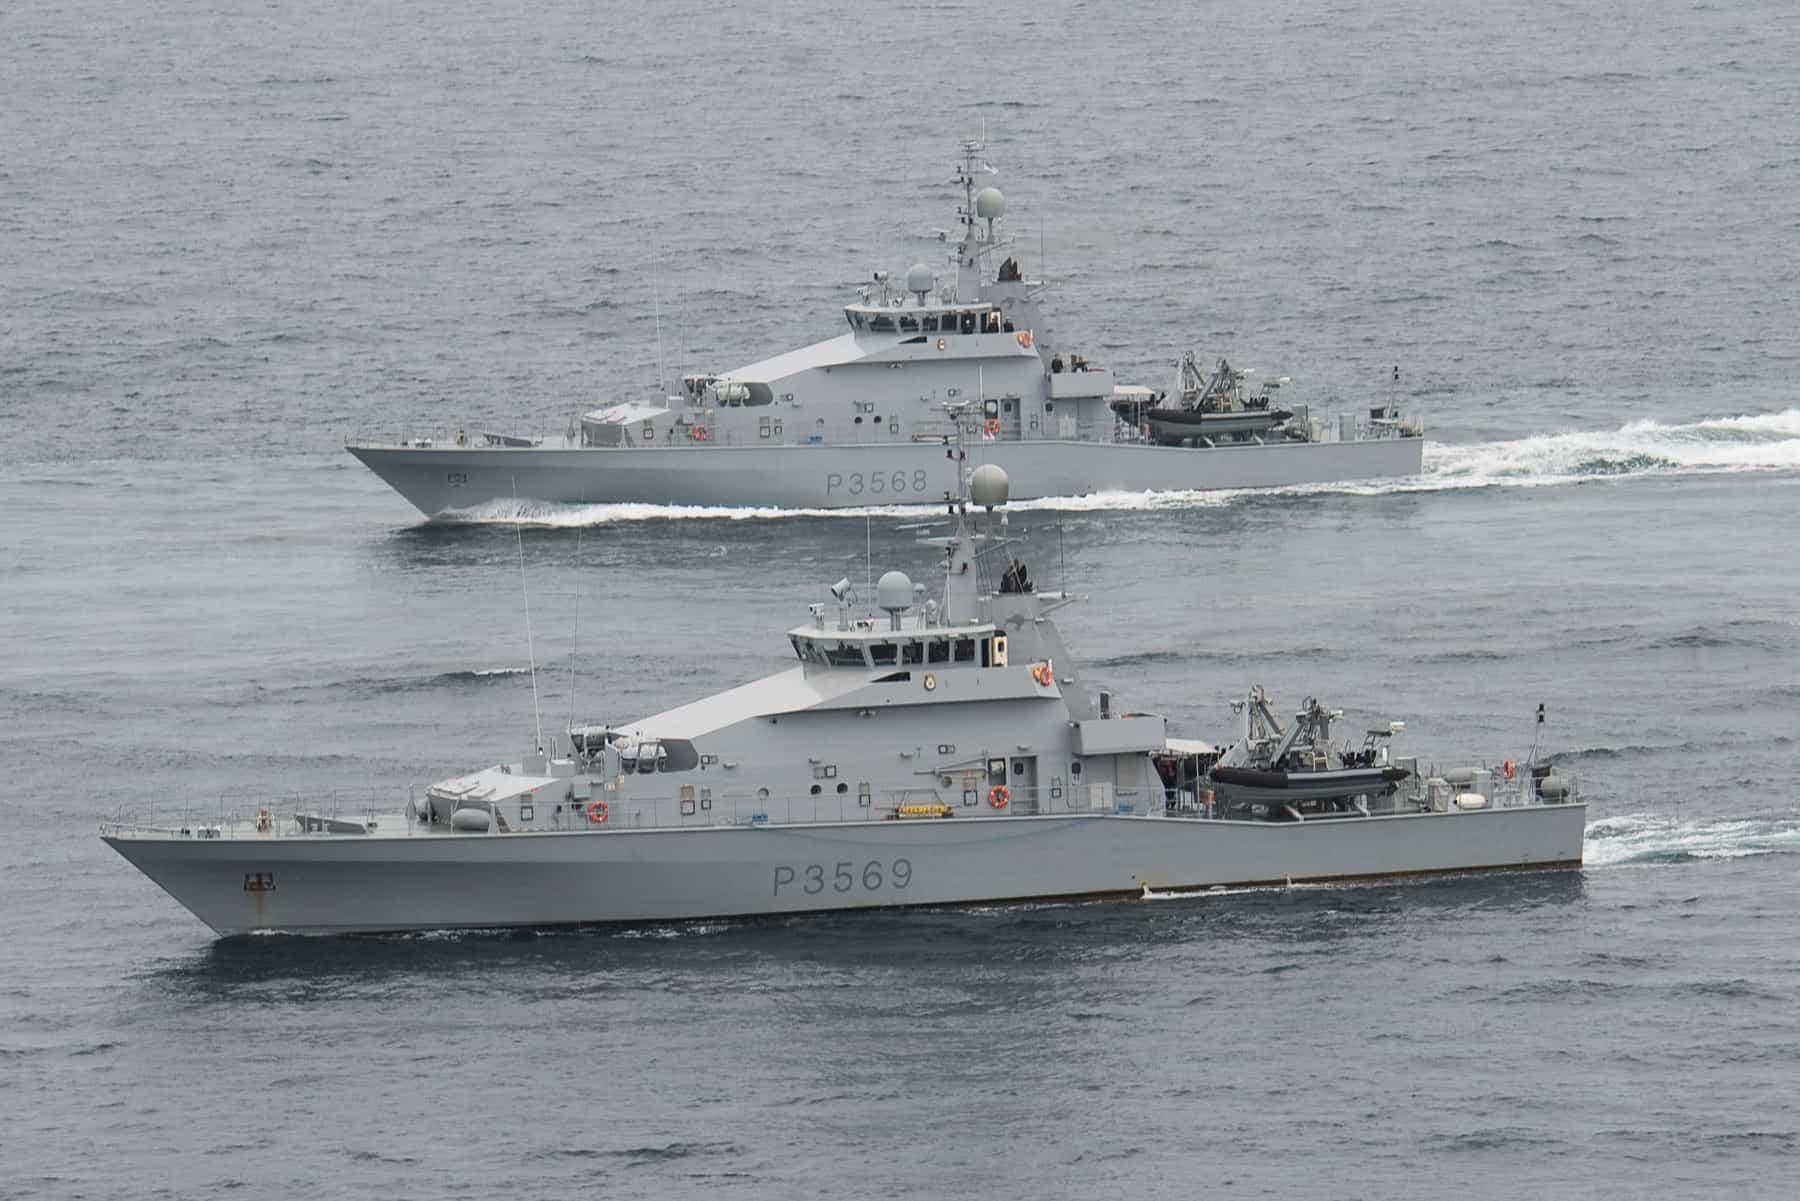 Еще четыре патрульных катера класса Island прибудут из США в Украину, - замначштаба ВМС Рыженко - Цензор.НЕТ 1268